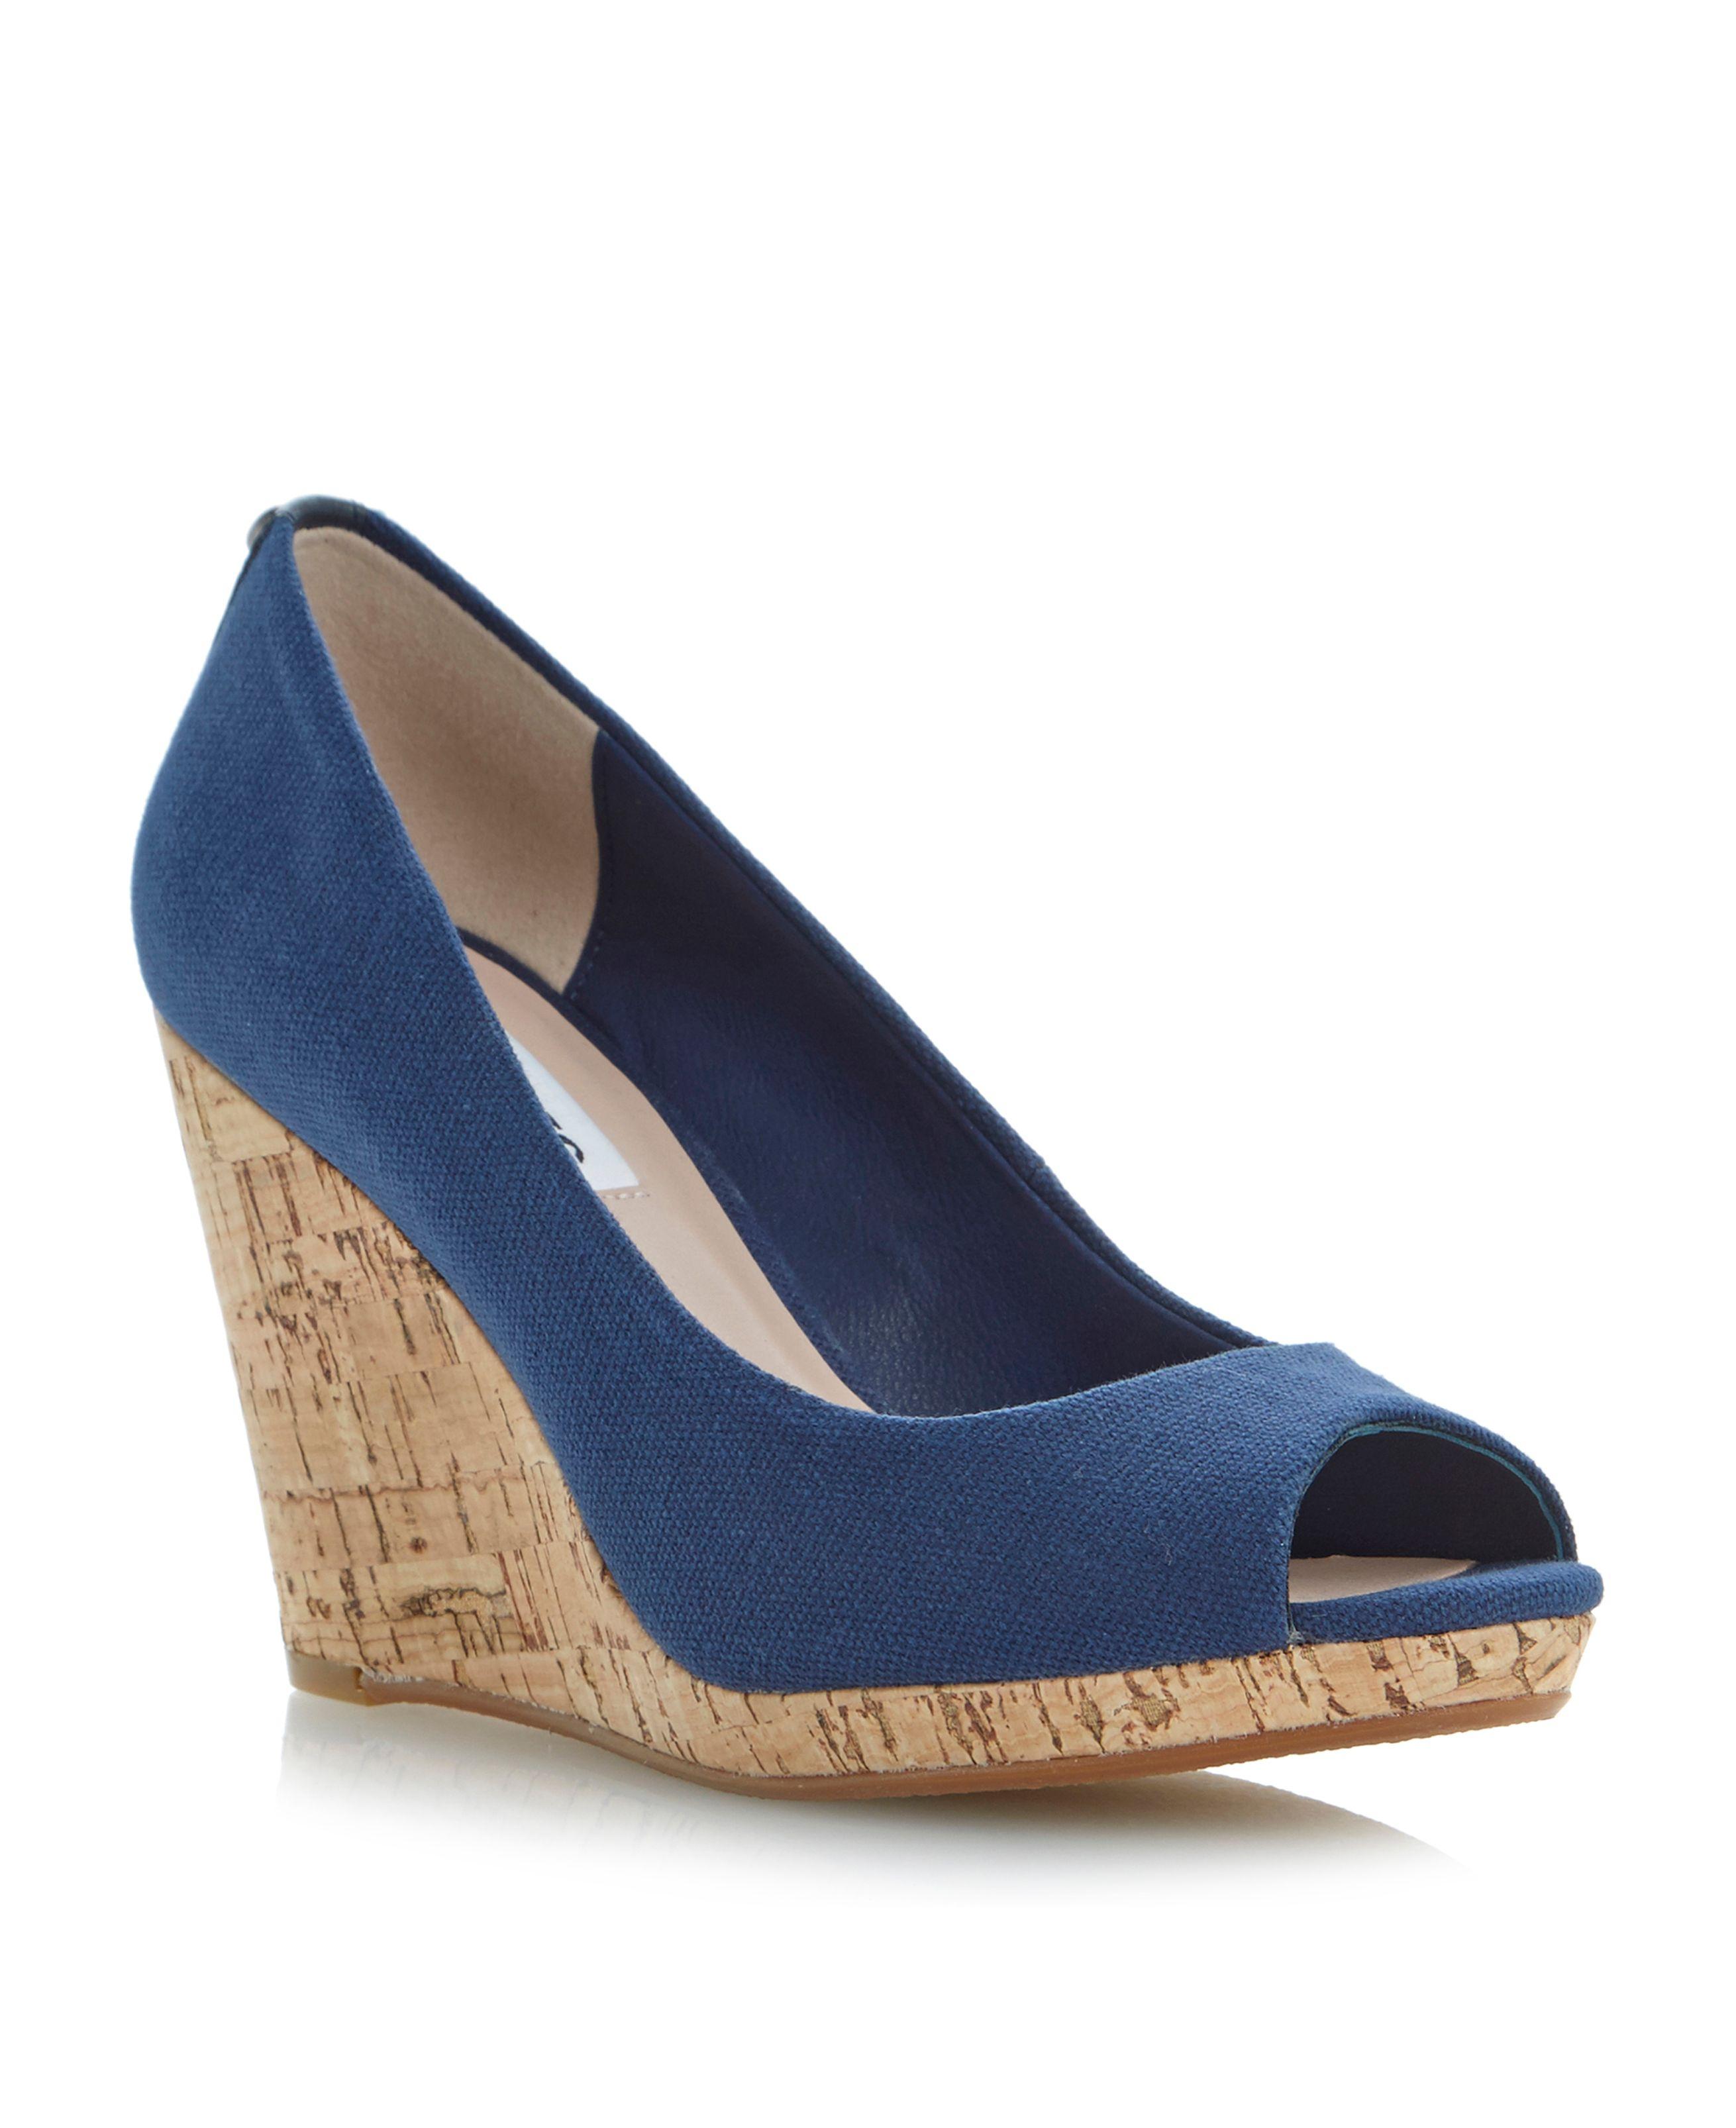 Womens Blue Shoes Sandals